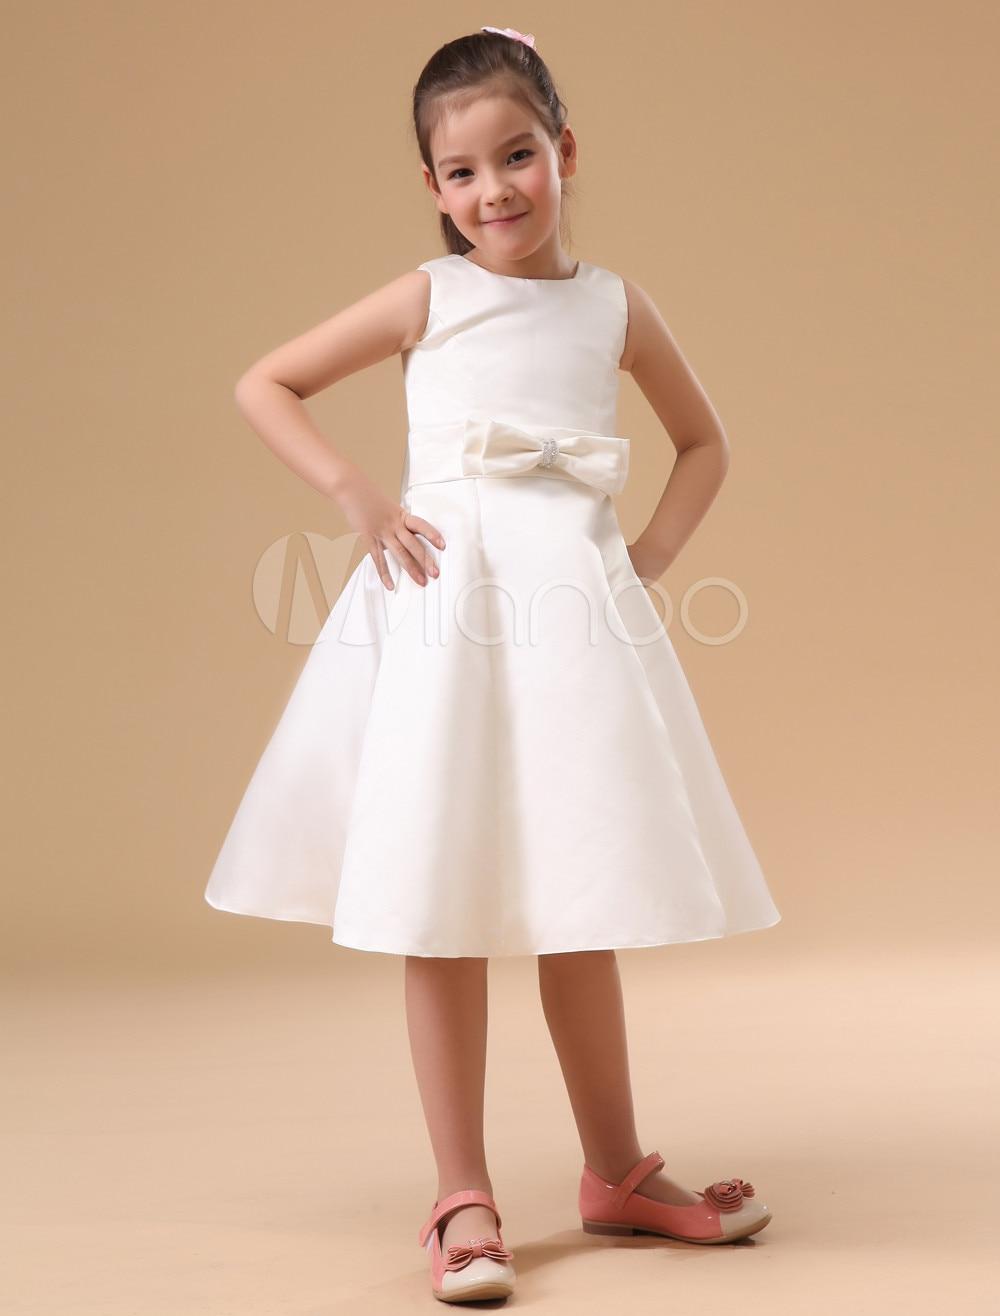 ヾ(^▽^)ノA-Line Flower Girls Dresses For Wedding Gowns Mid-Calf ...